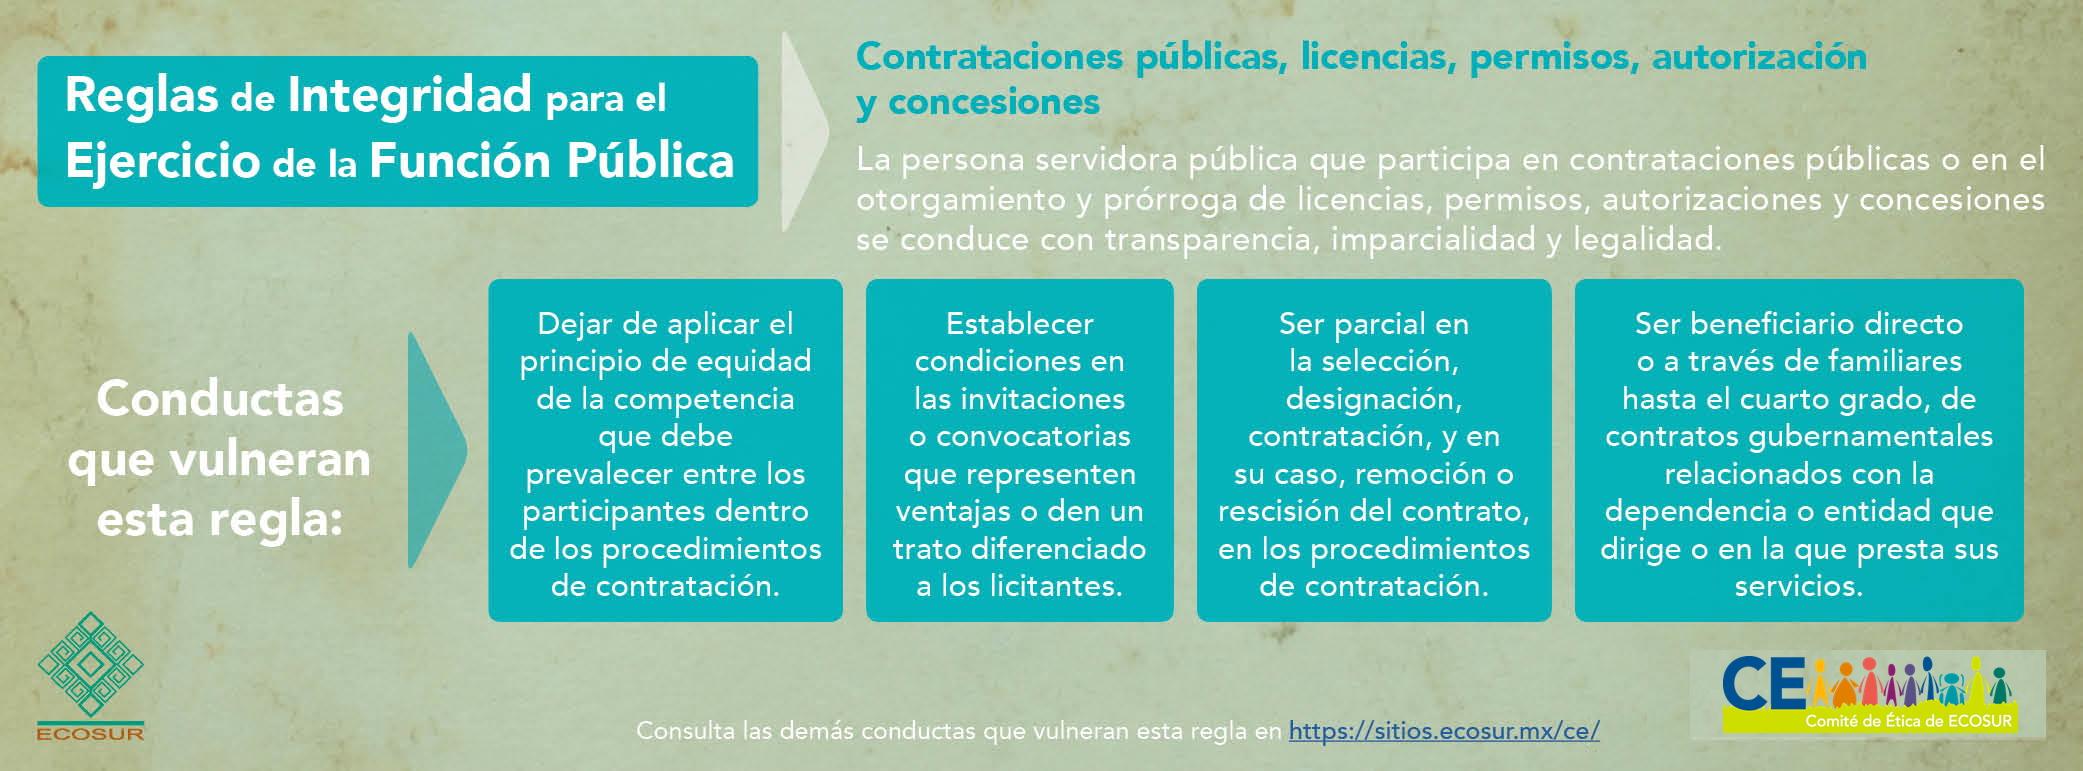 Contrataciones públicas